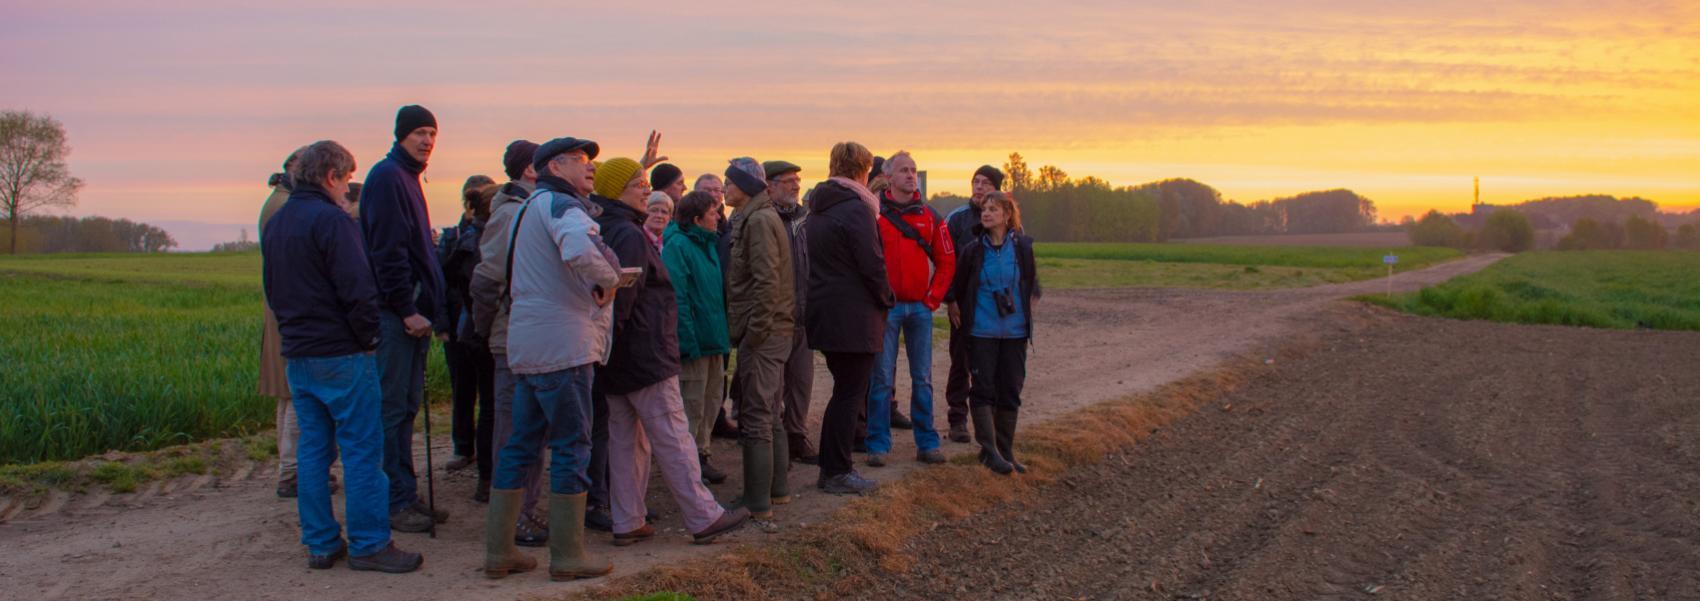 groep tijdens gidsbeurt bij zonsondergang